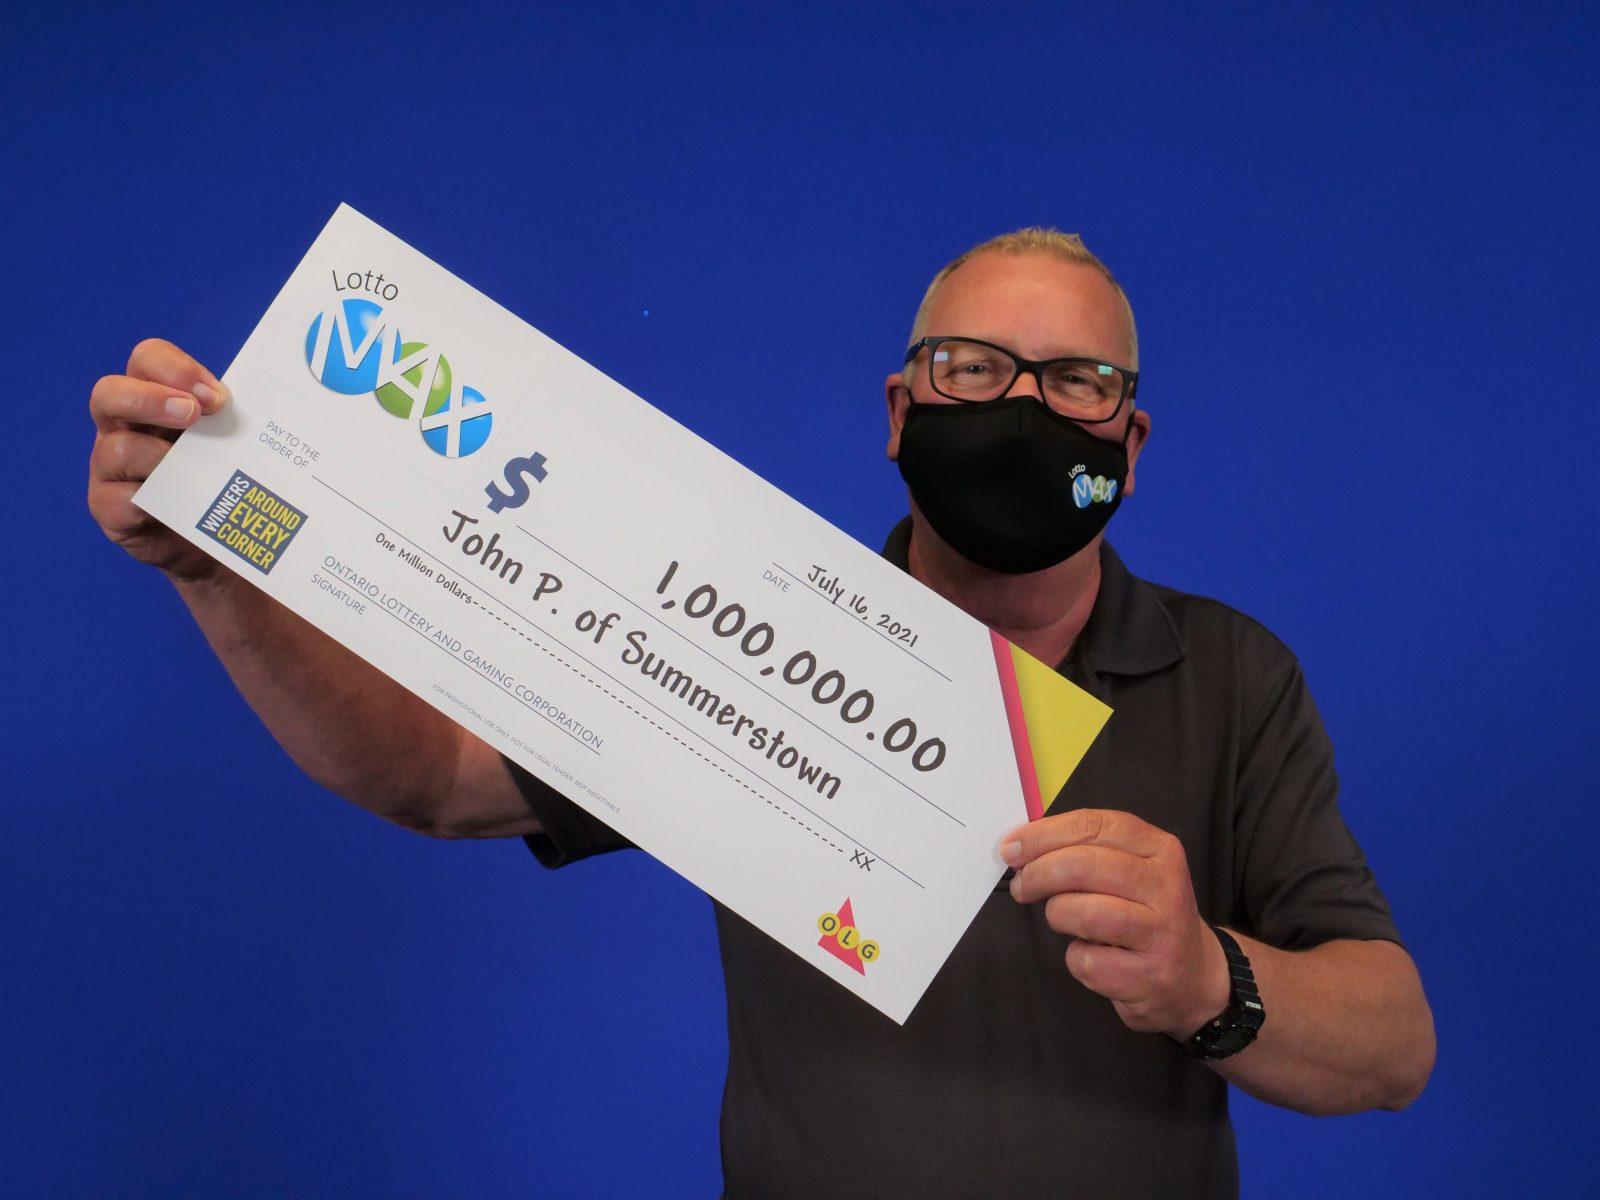 Summerstown man wins $1 million